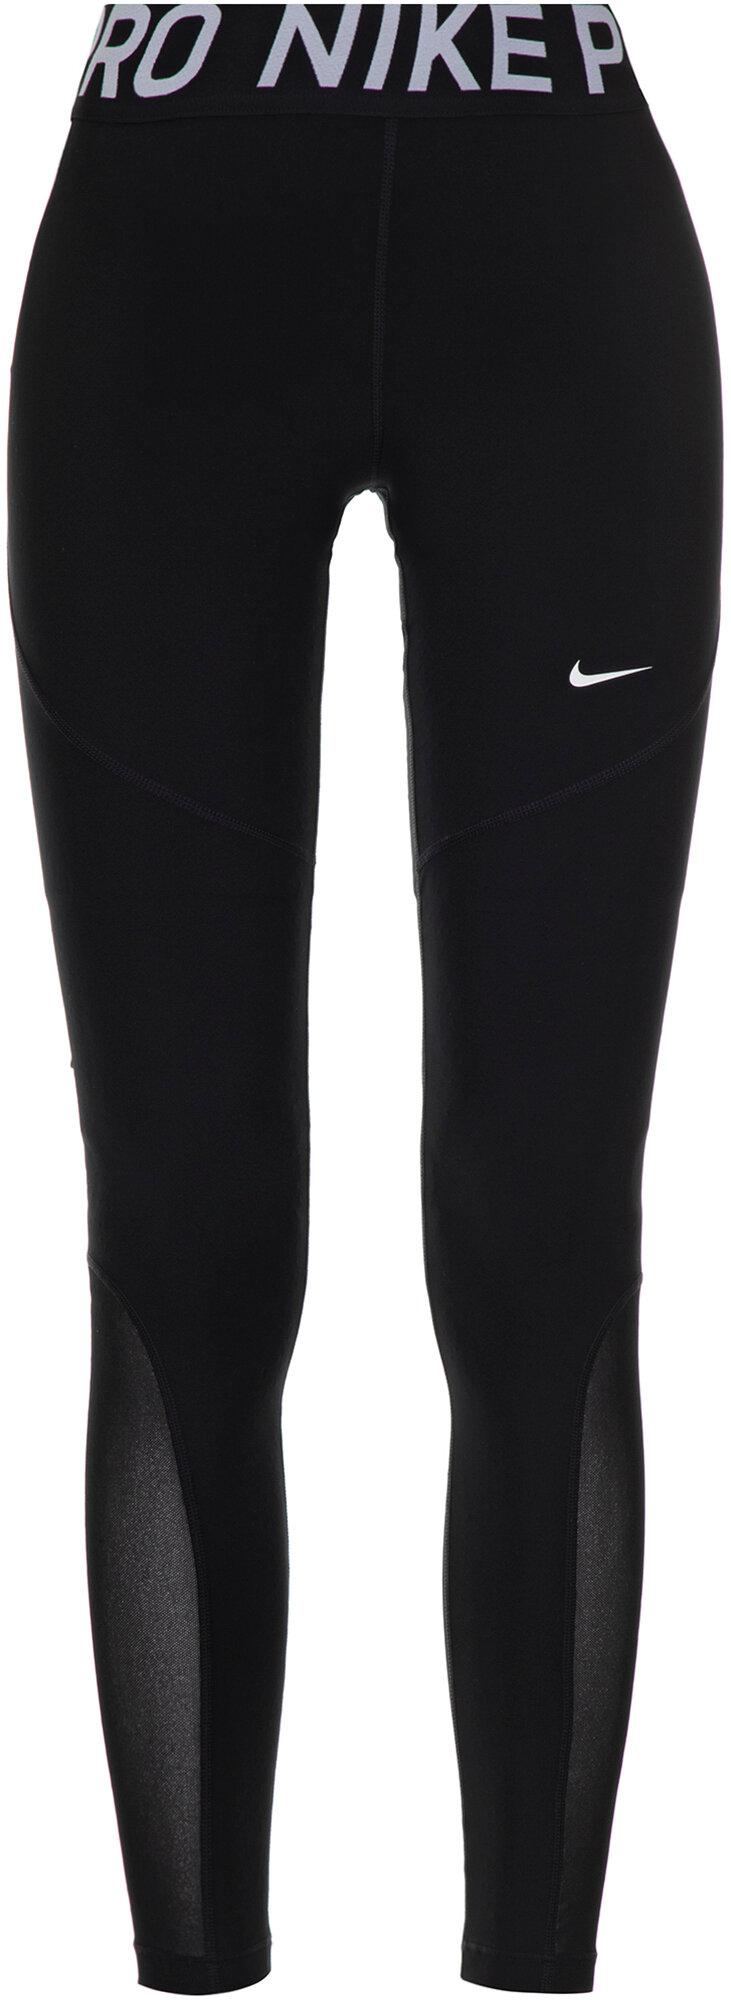 Легинсы женские Nike Pro, размер 46-48